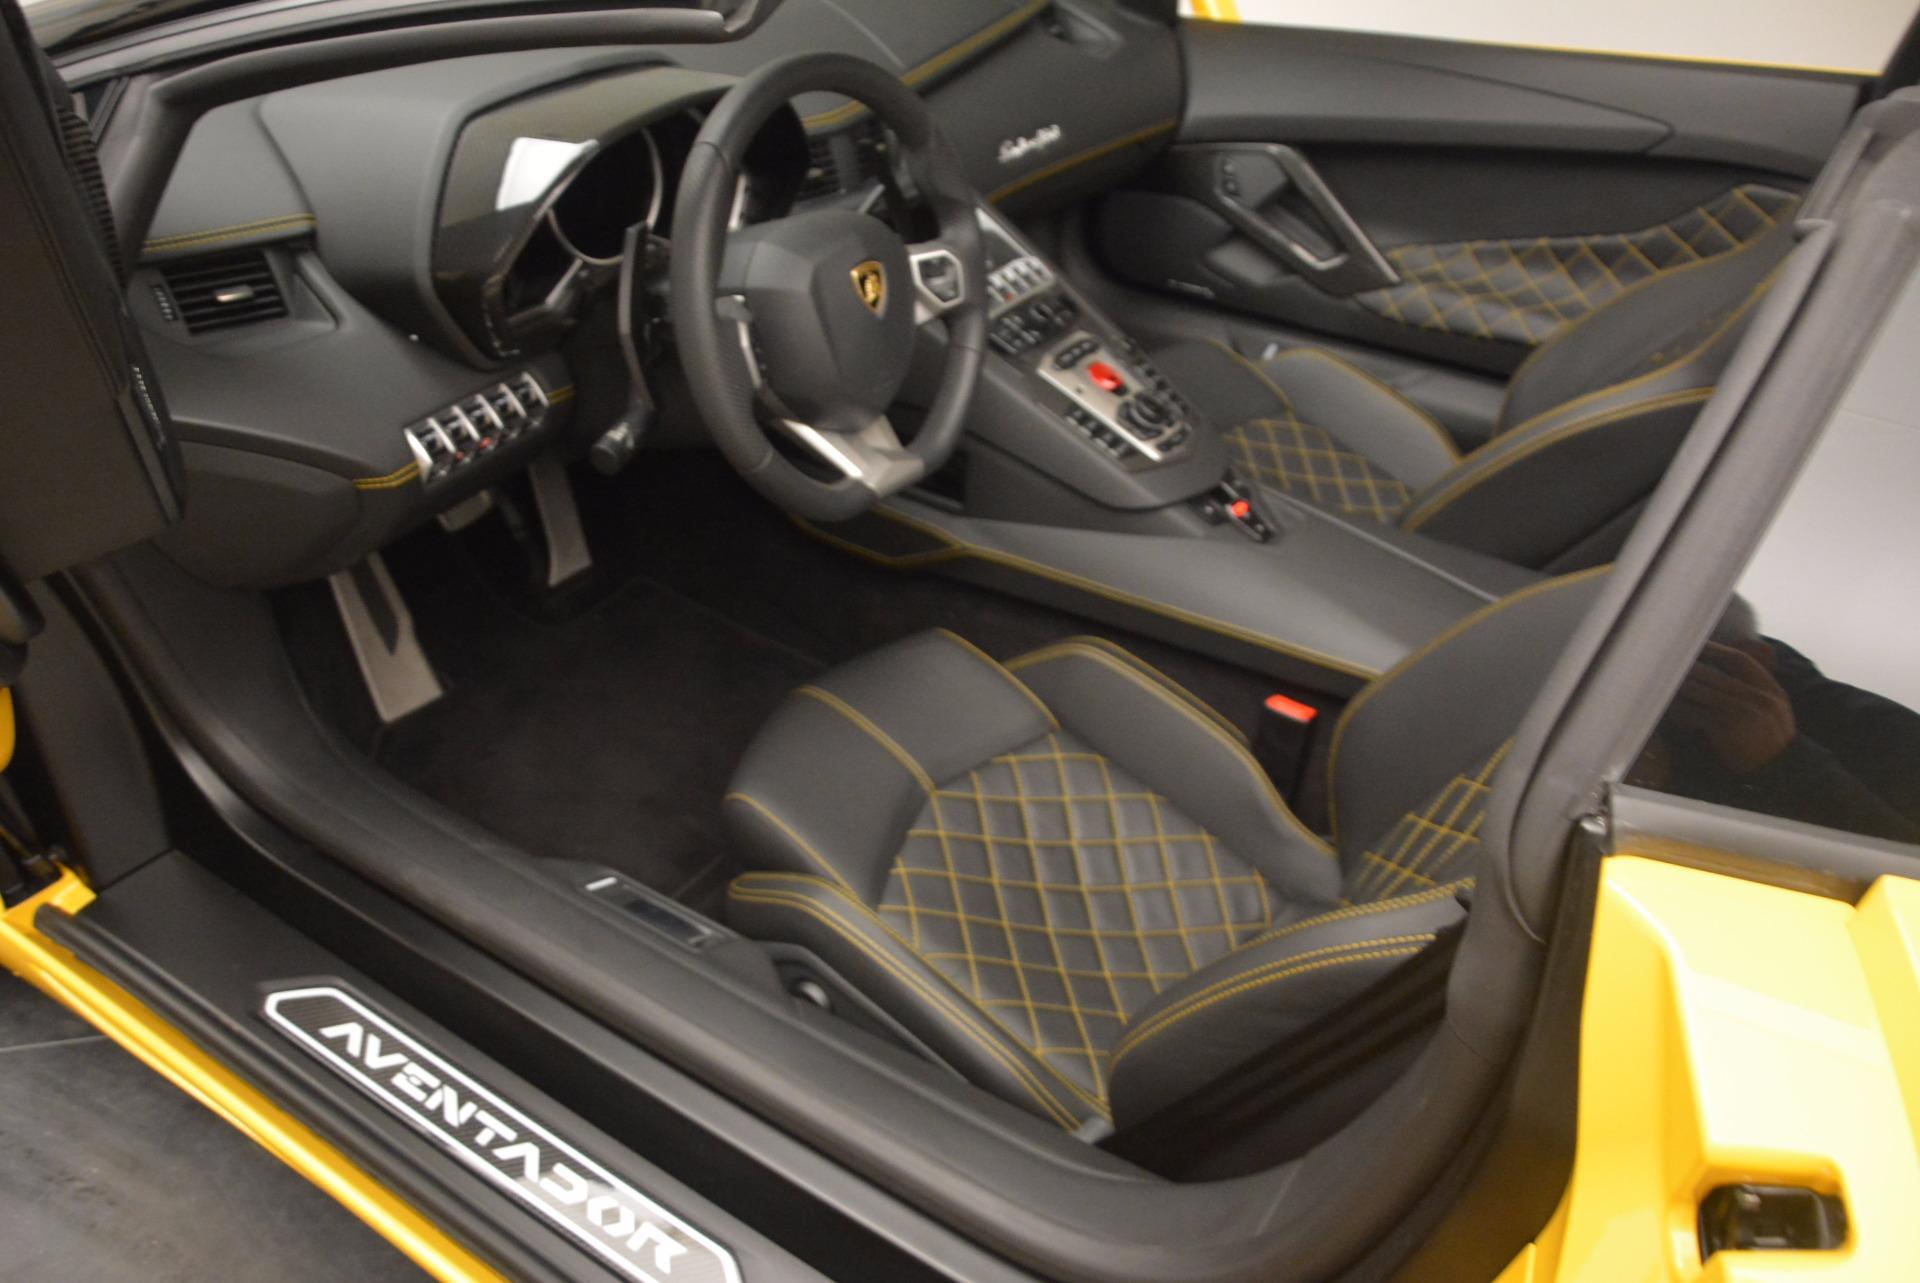 Used 2015 Lamborghini Aventador LP 700-4 Roadster For Sale In Greenwich, CT 1774_p15